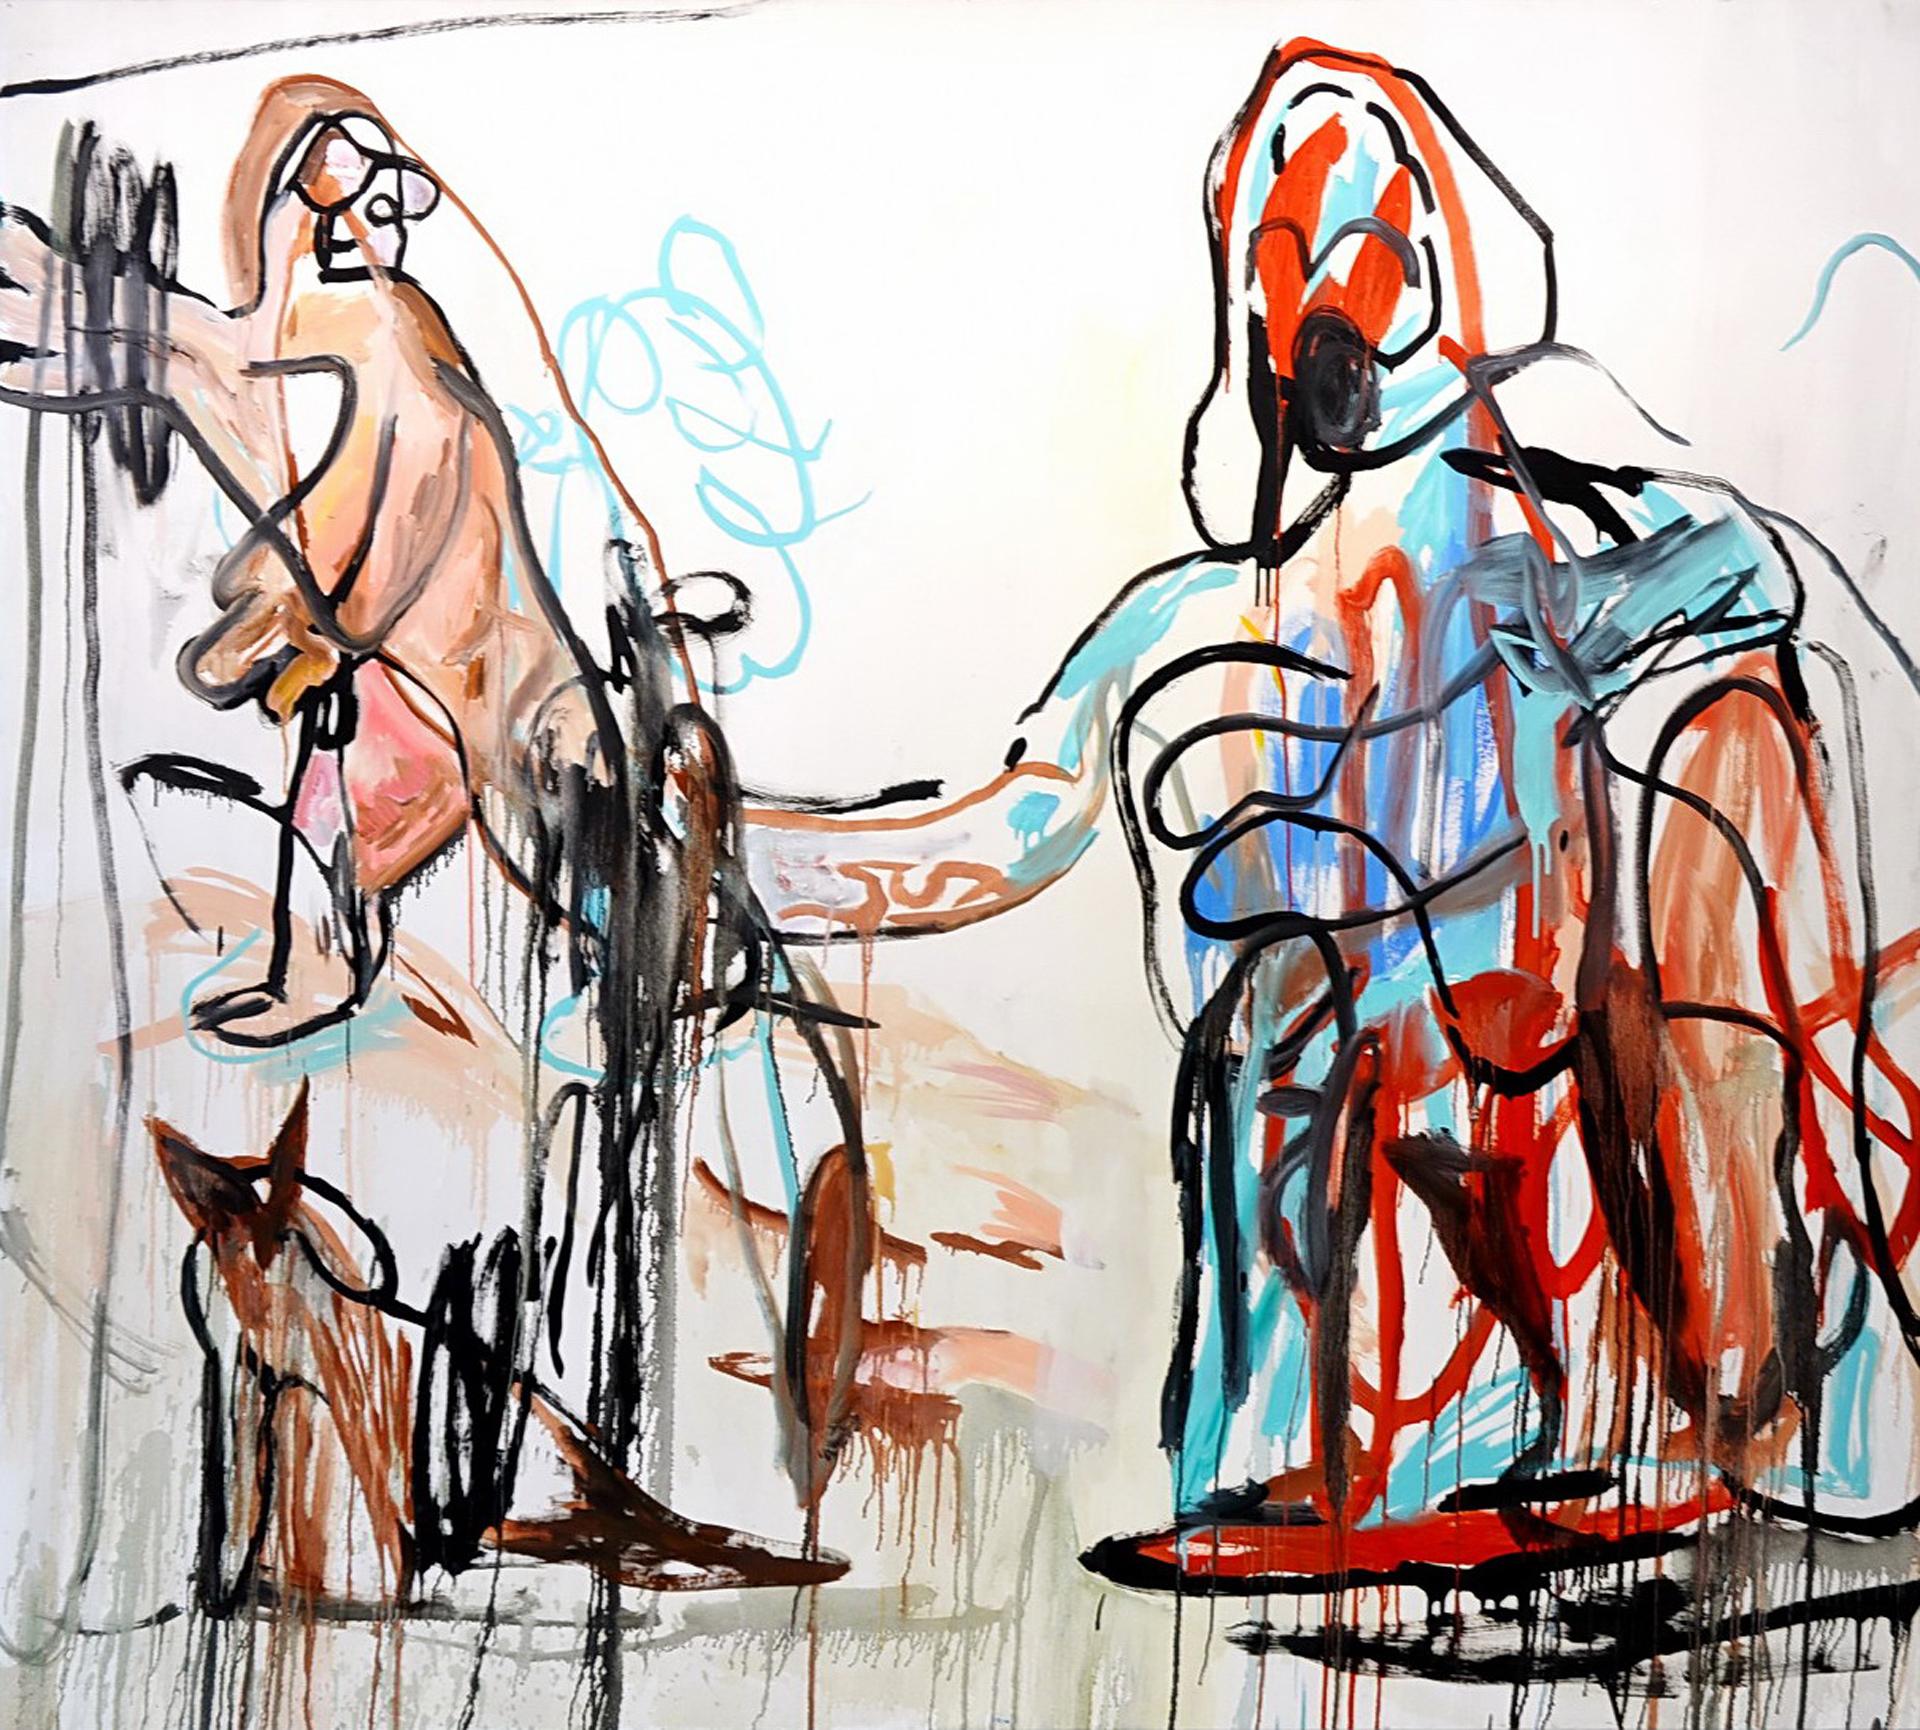 Galería: Galería Nora Fisch | Buenos Aires. Artista: Juan Becu. Título: Otra vez más yo no soy el mismo. Técnica: óleo sobre tela. Año: 2016. Medida: 200 x 200 cm